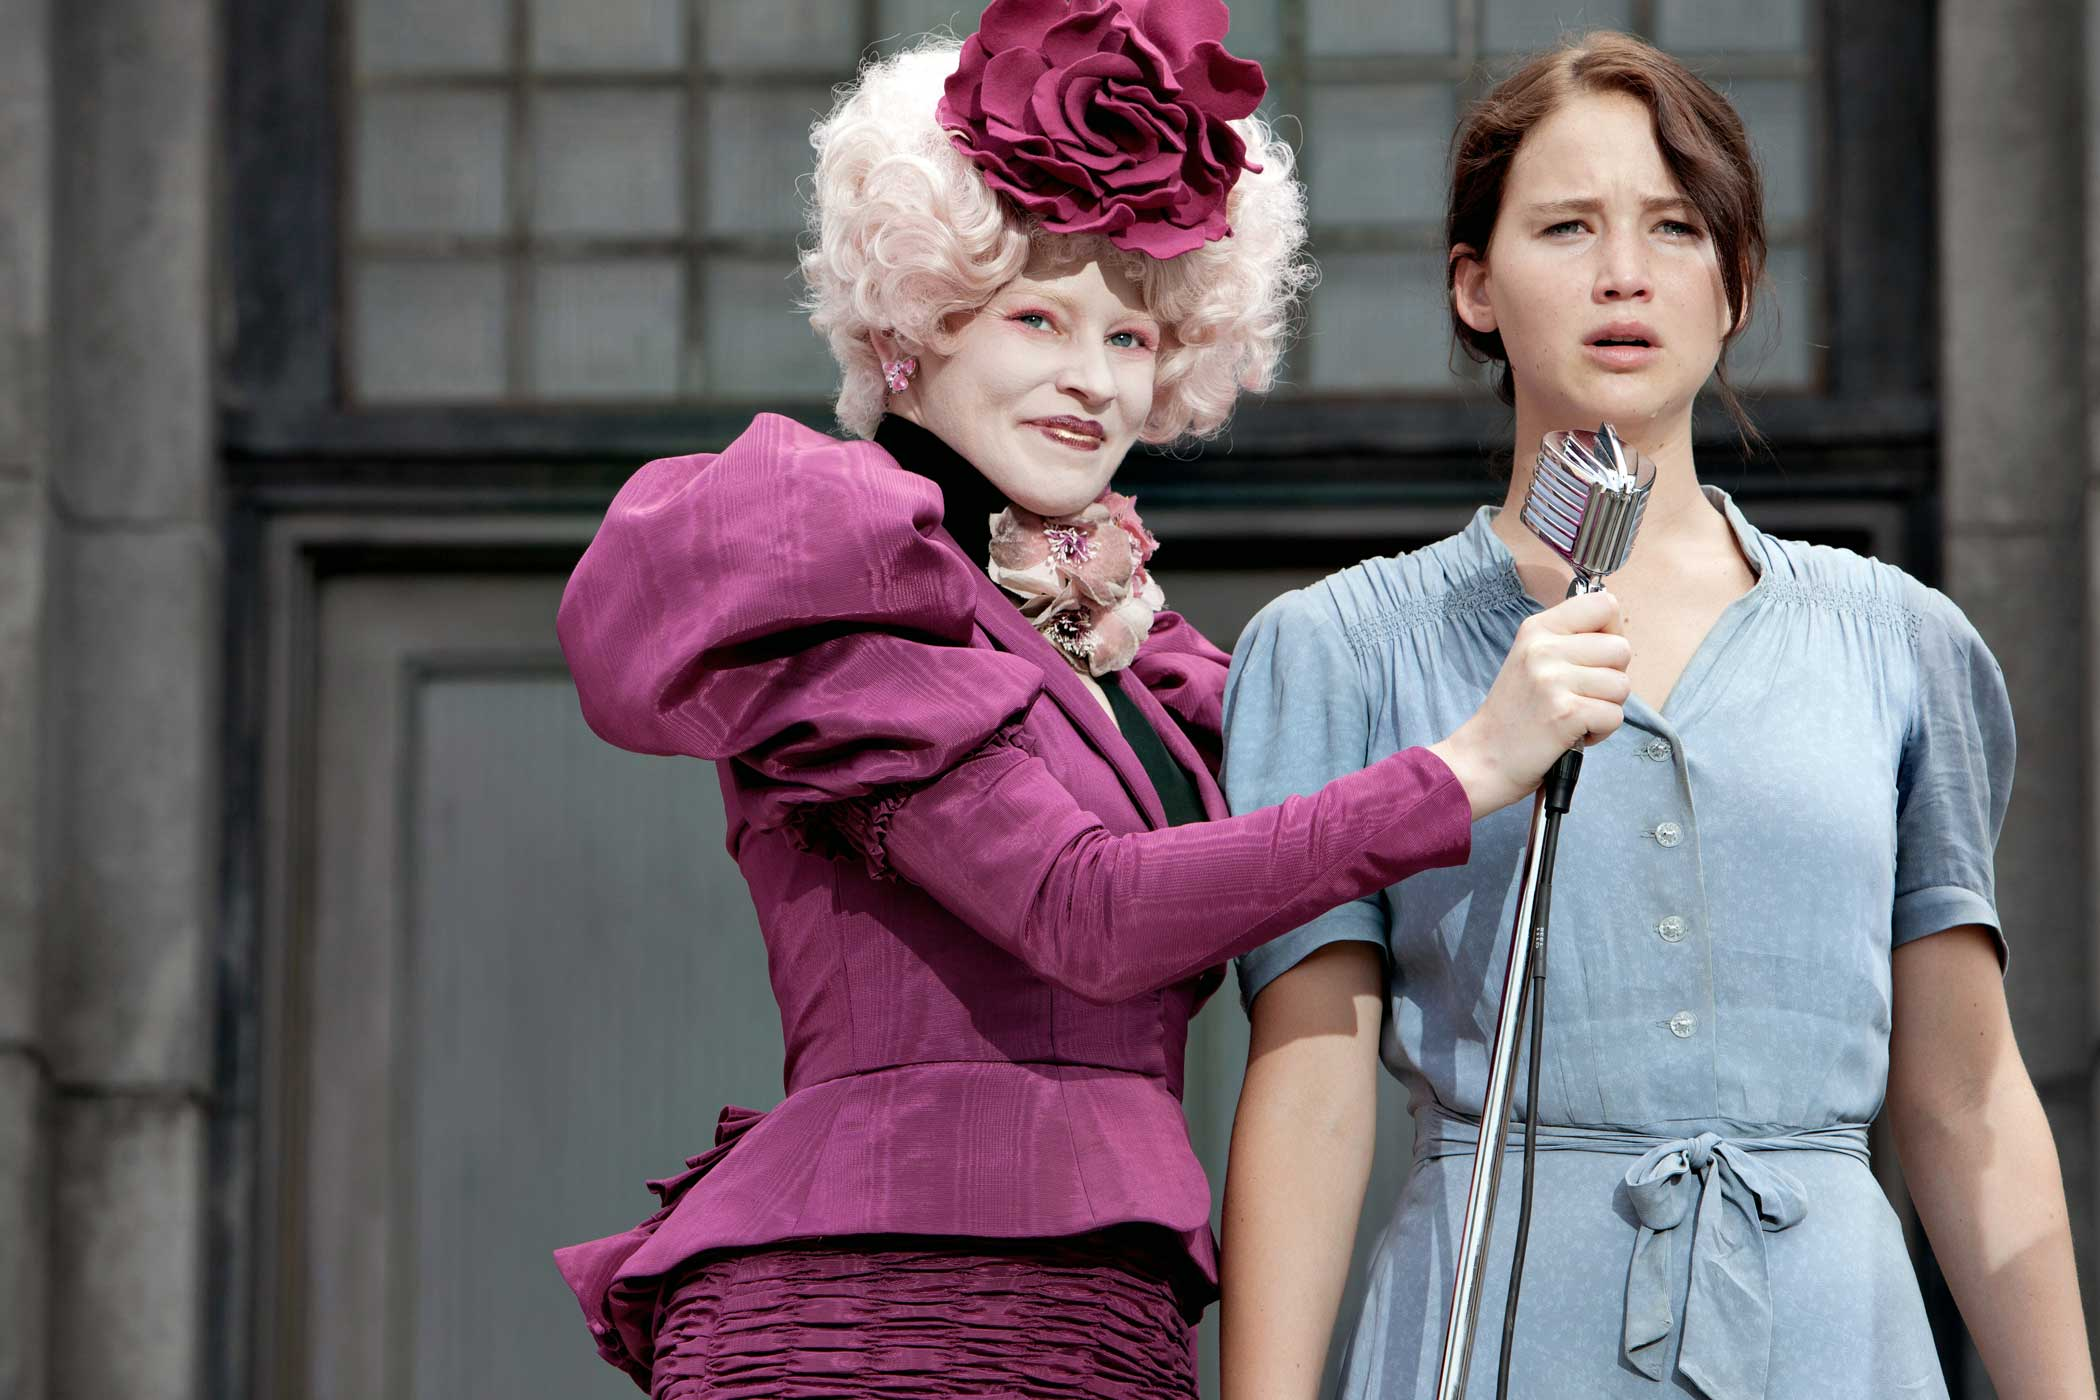 Elizabeth Banks as Effie Trinket and Jennifer Lawrence as Katniss Everdeen in The Hunger Games, 2012.